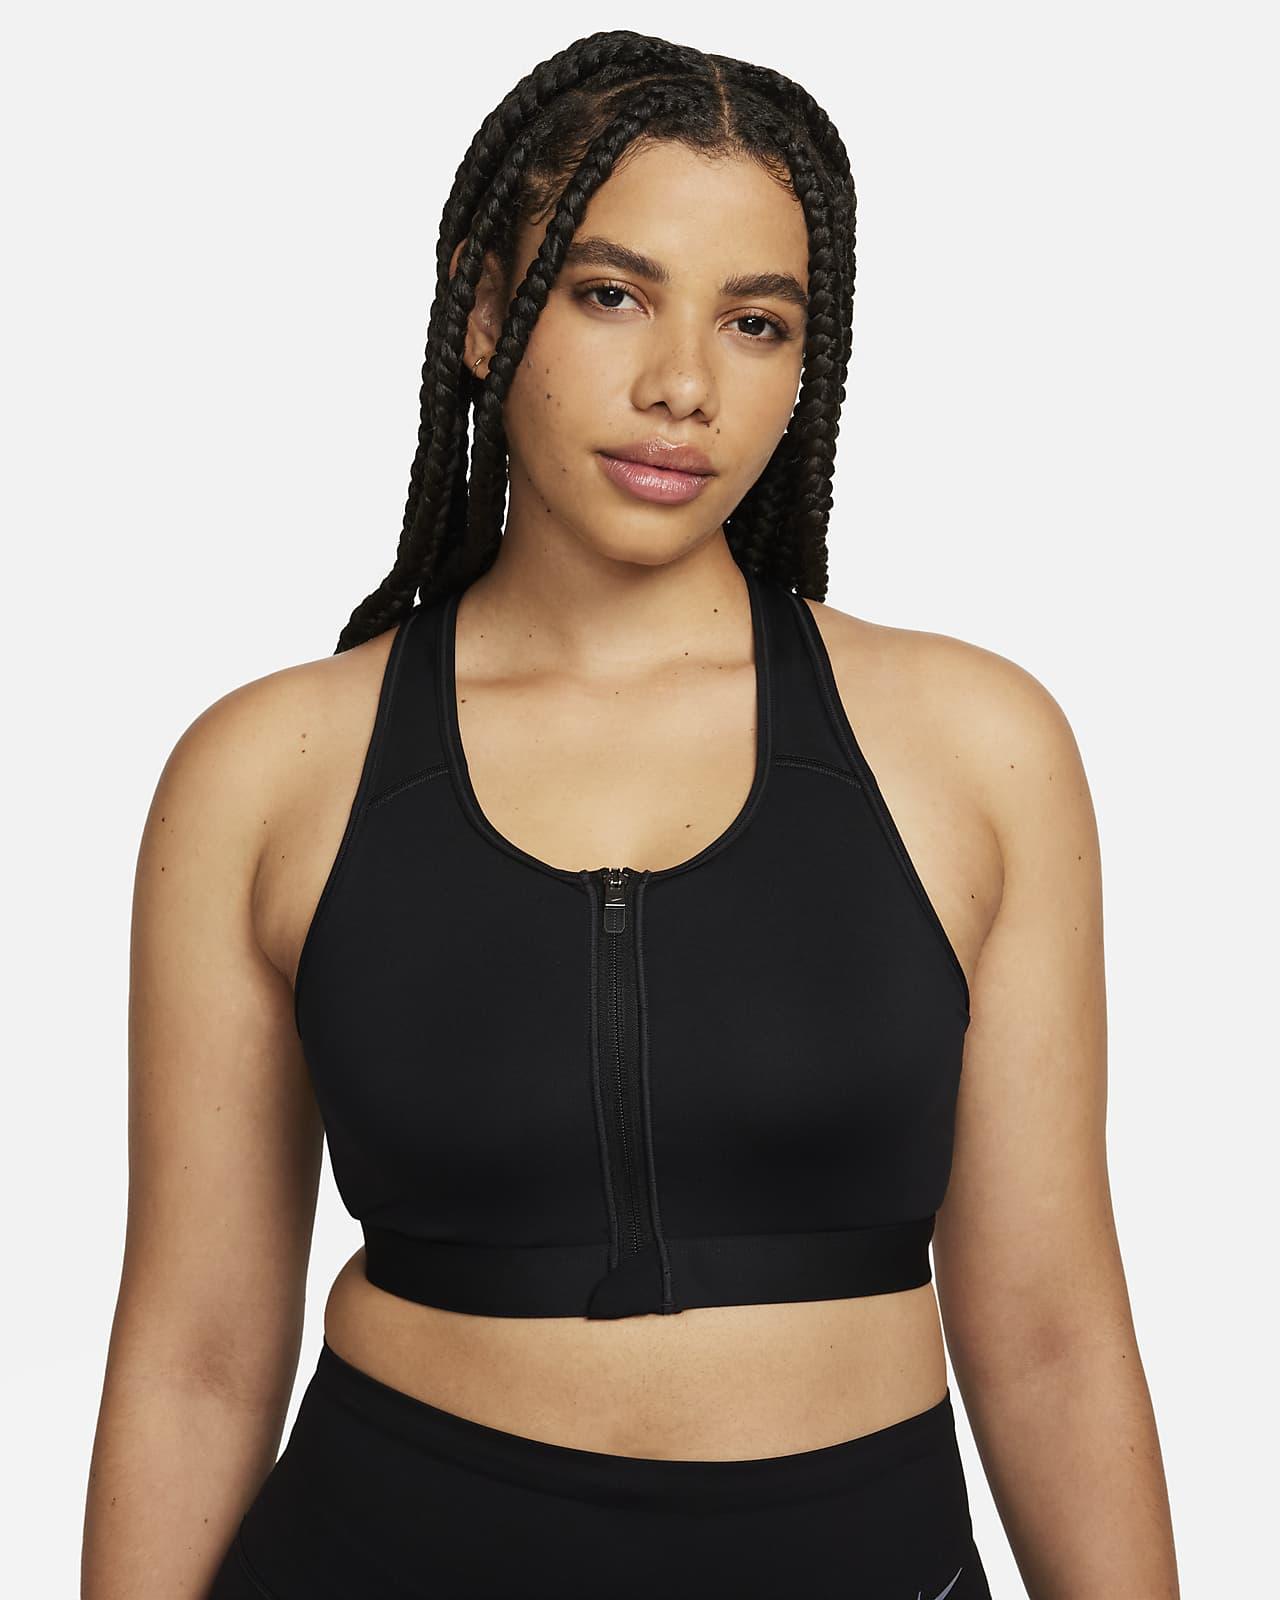 Dámská sportovní podprsenka Nike Dri-FIT Swoosh svycpávkami, střední oporou azipem vpředu